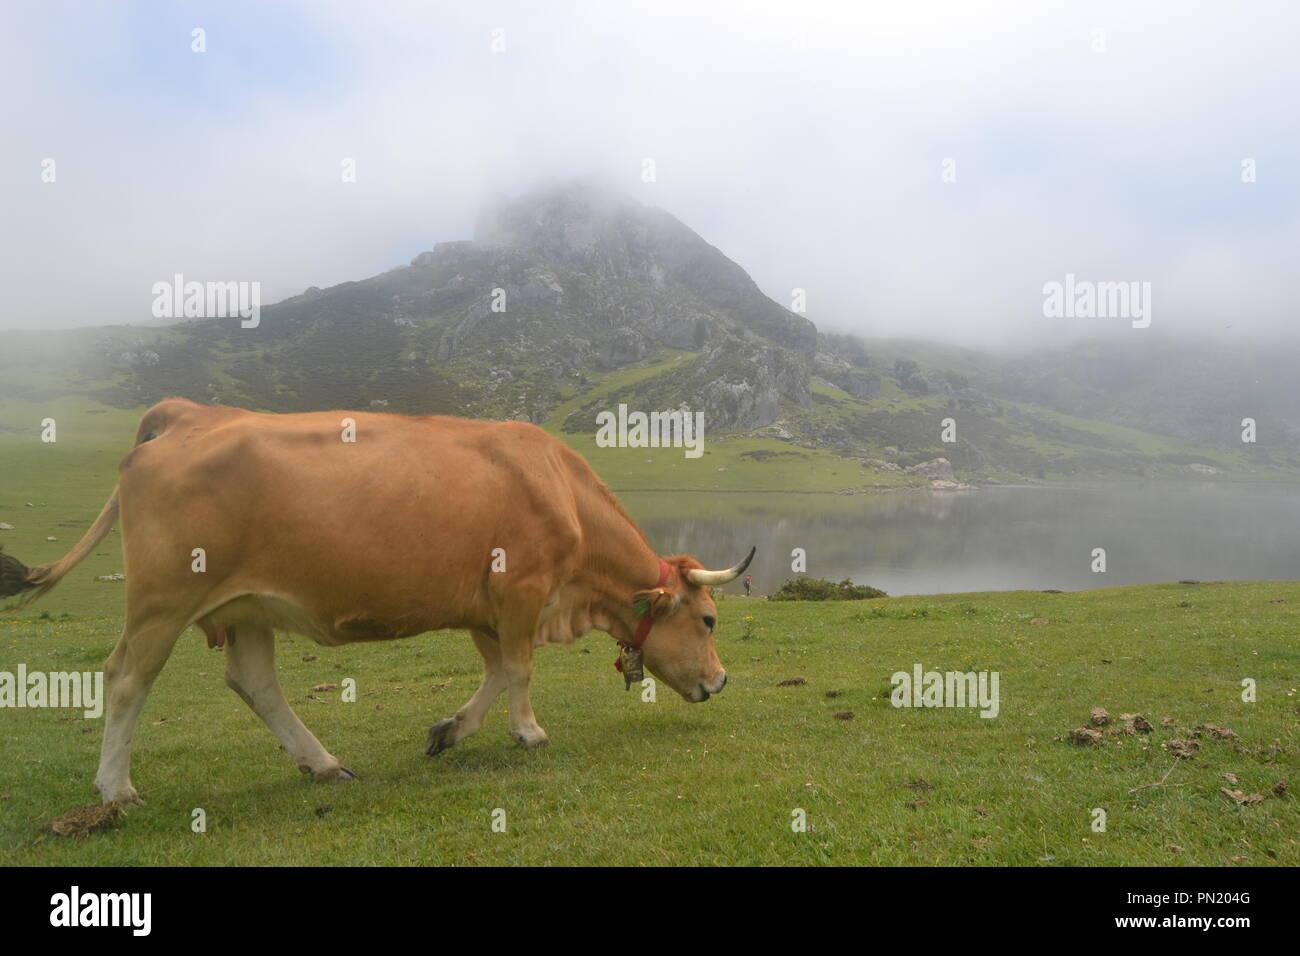 Foto tirada nos lagos de Covadonga . Imagem de sorte pois praticamente neste local esta sempre nevoeiro e não se consegue ver nada ...5 minutos . - Stock Image